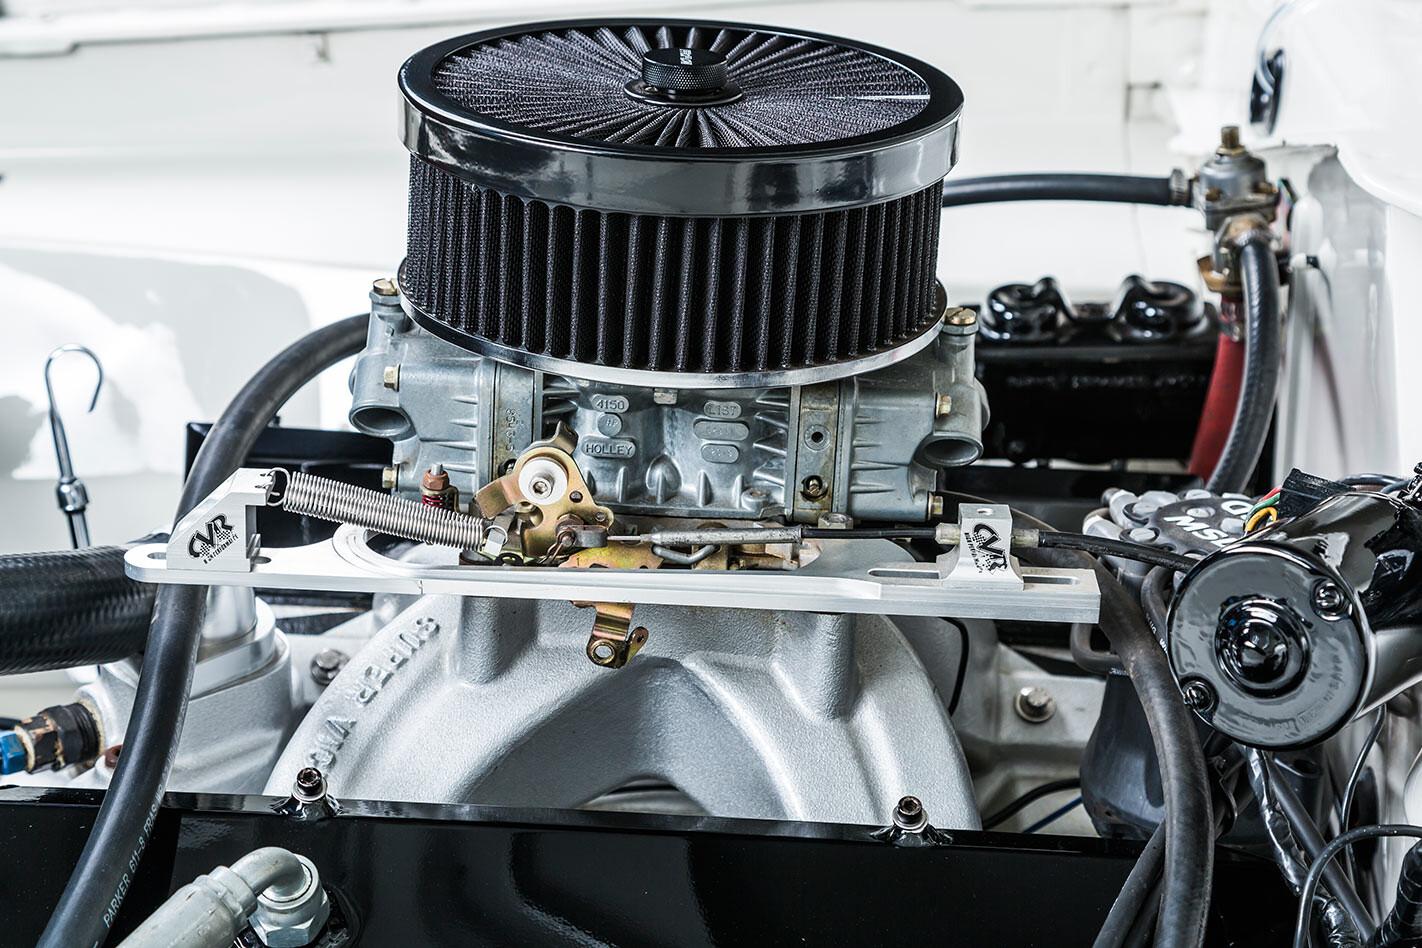 Chrysler VIP Valiant engine